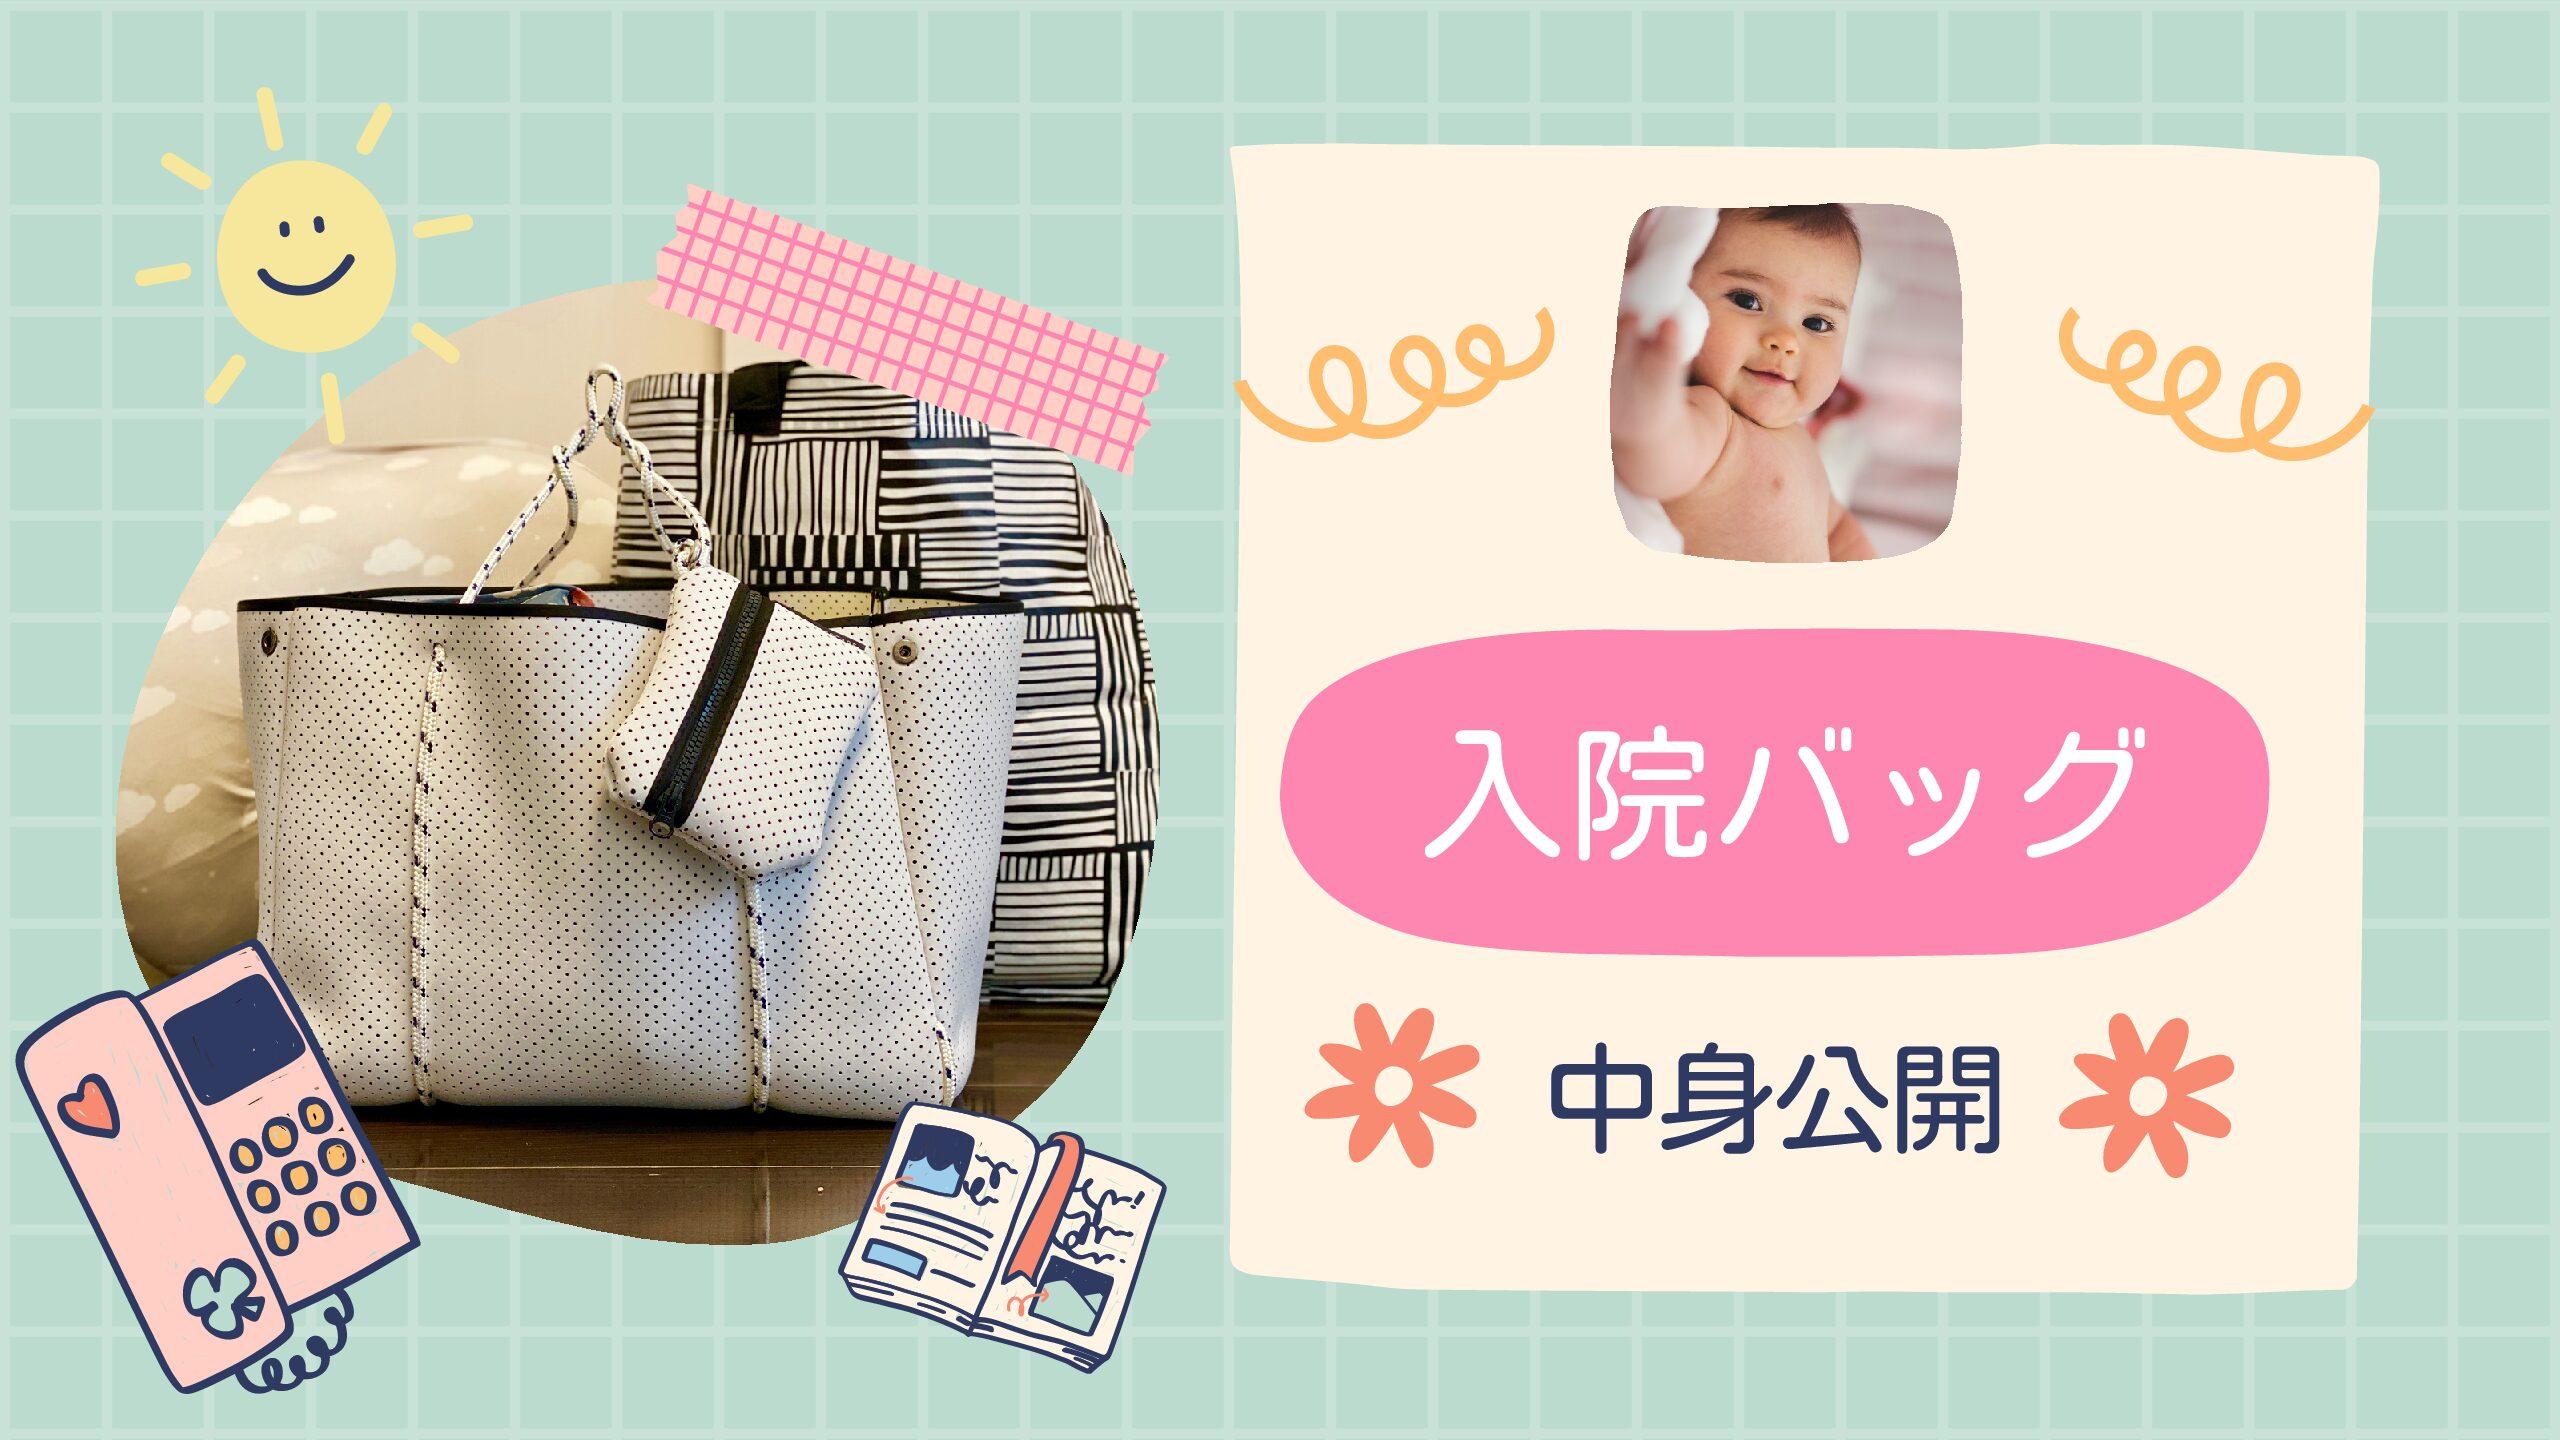 【入院準備】入院バッグの中身を写真付きで公開!コロナ禍の万全準備